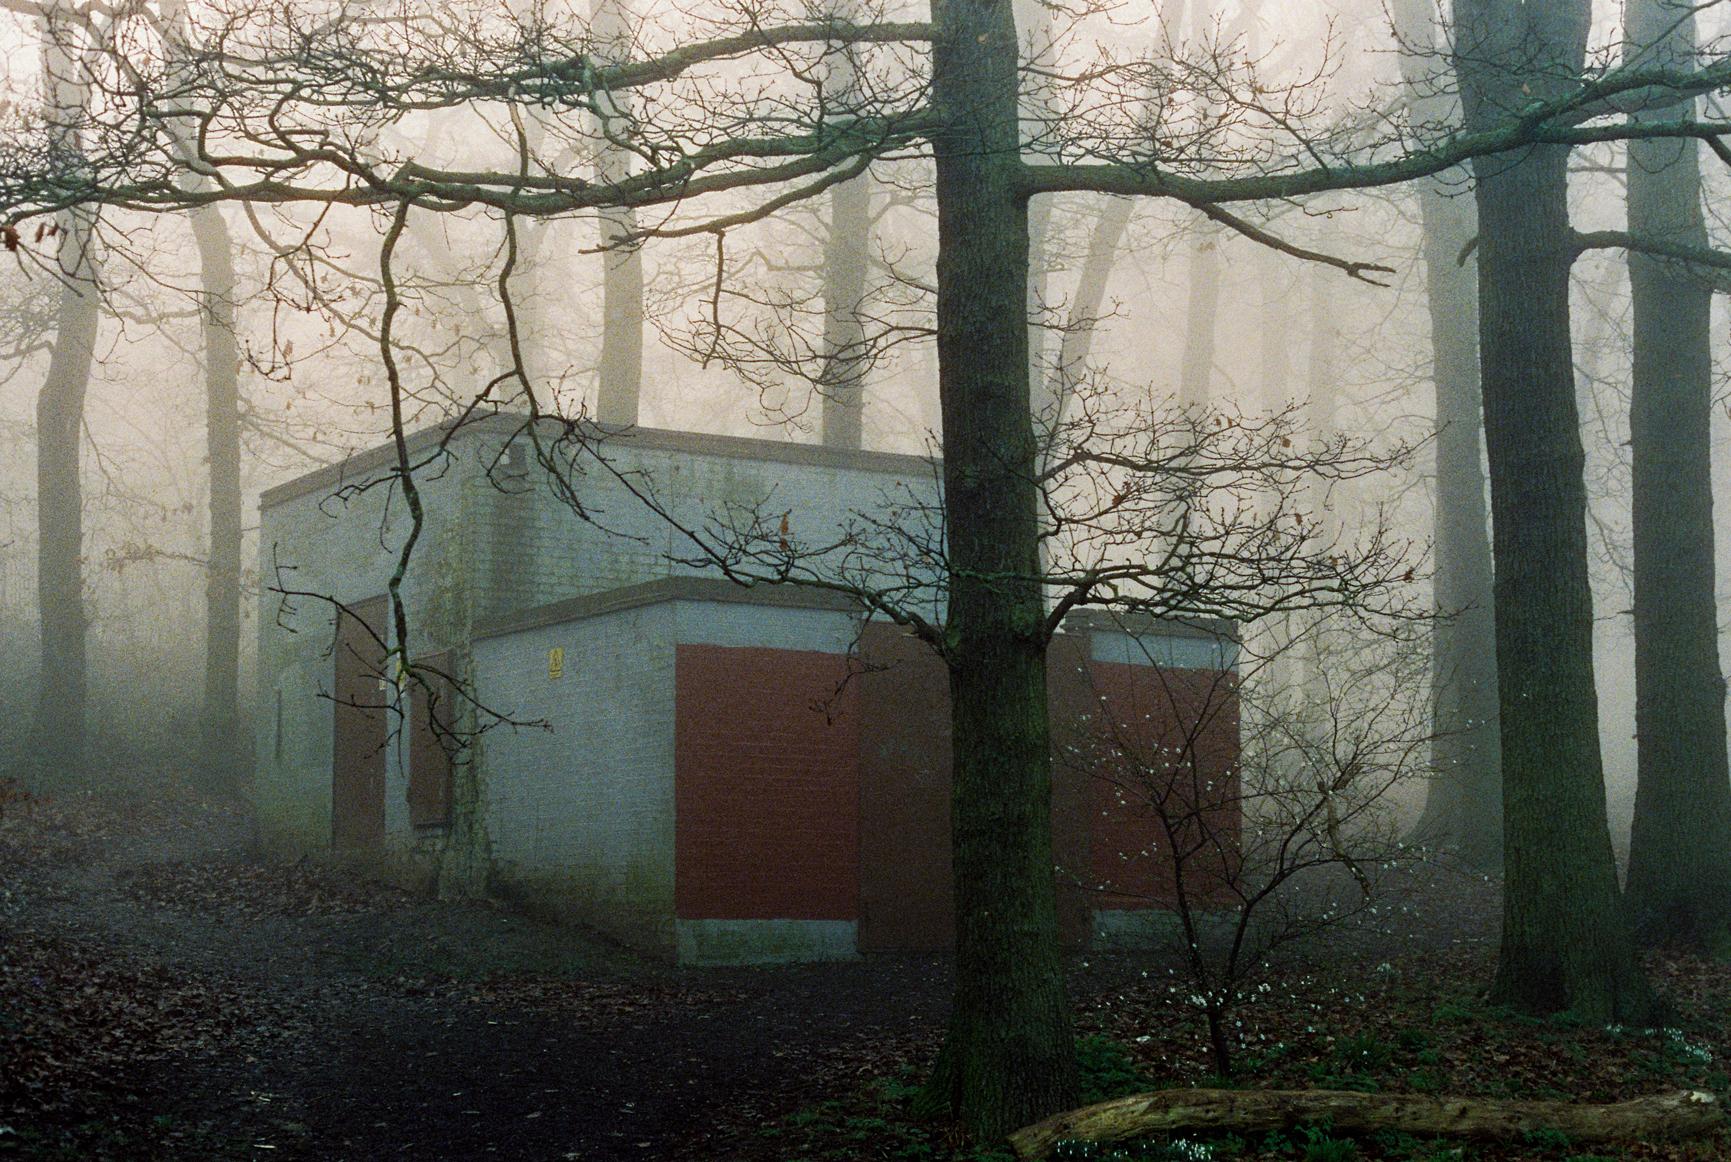 London Fog by Dmitry Serostanov